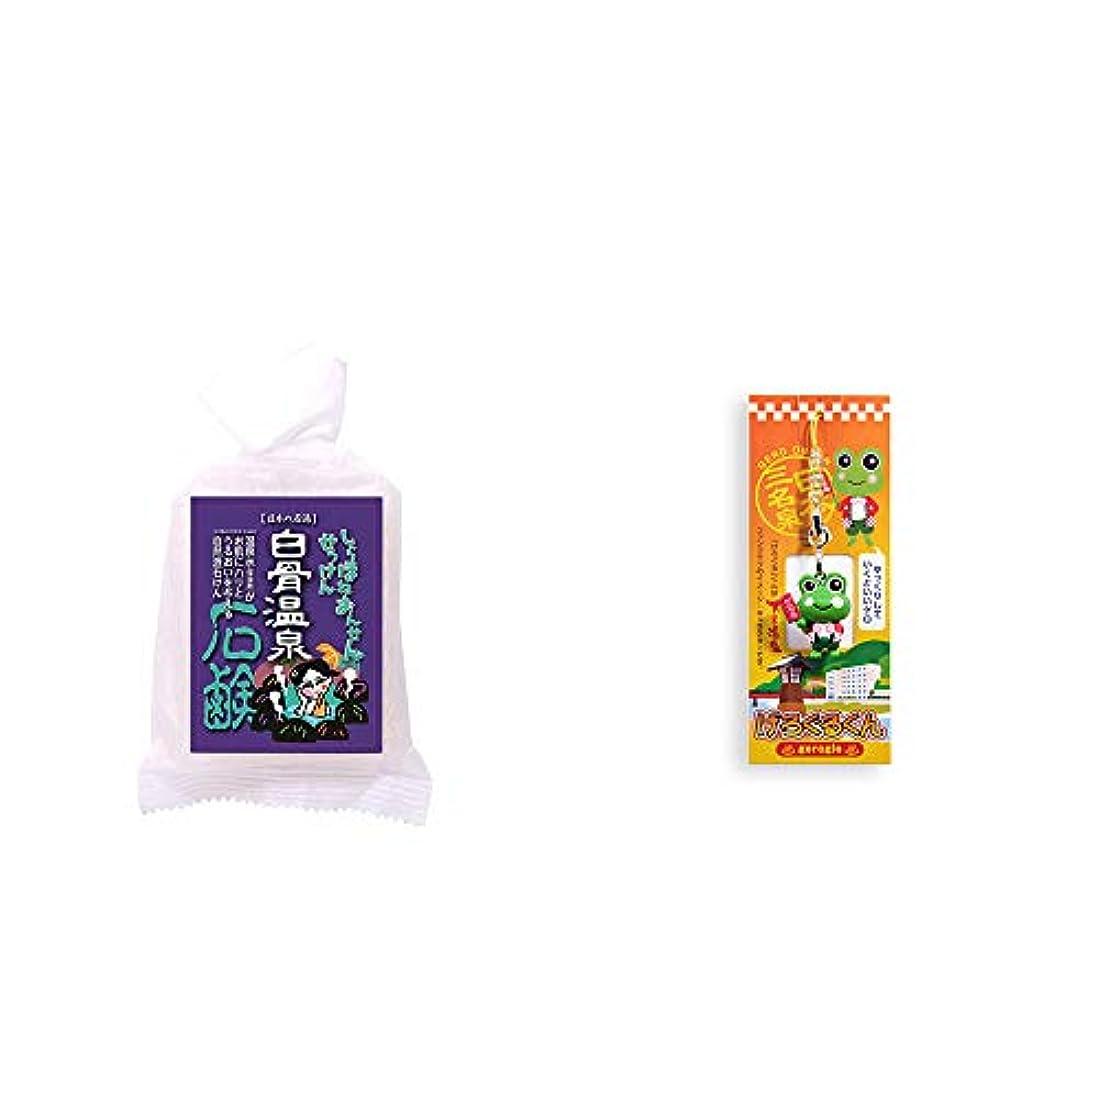 傾向があります食事を調理するチケット[2点セット] 信州 白骨温泉石鹸(80g)?下呂温泉ファンクラブのイメージキャラクター げろぐるくんストラップ